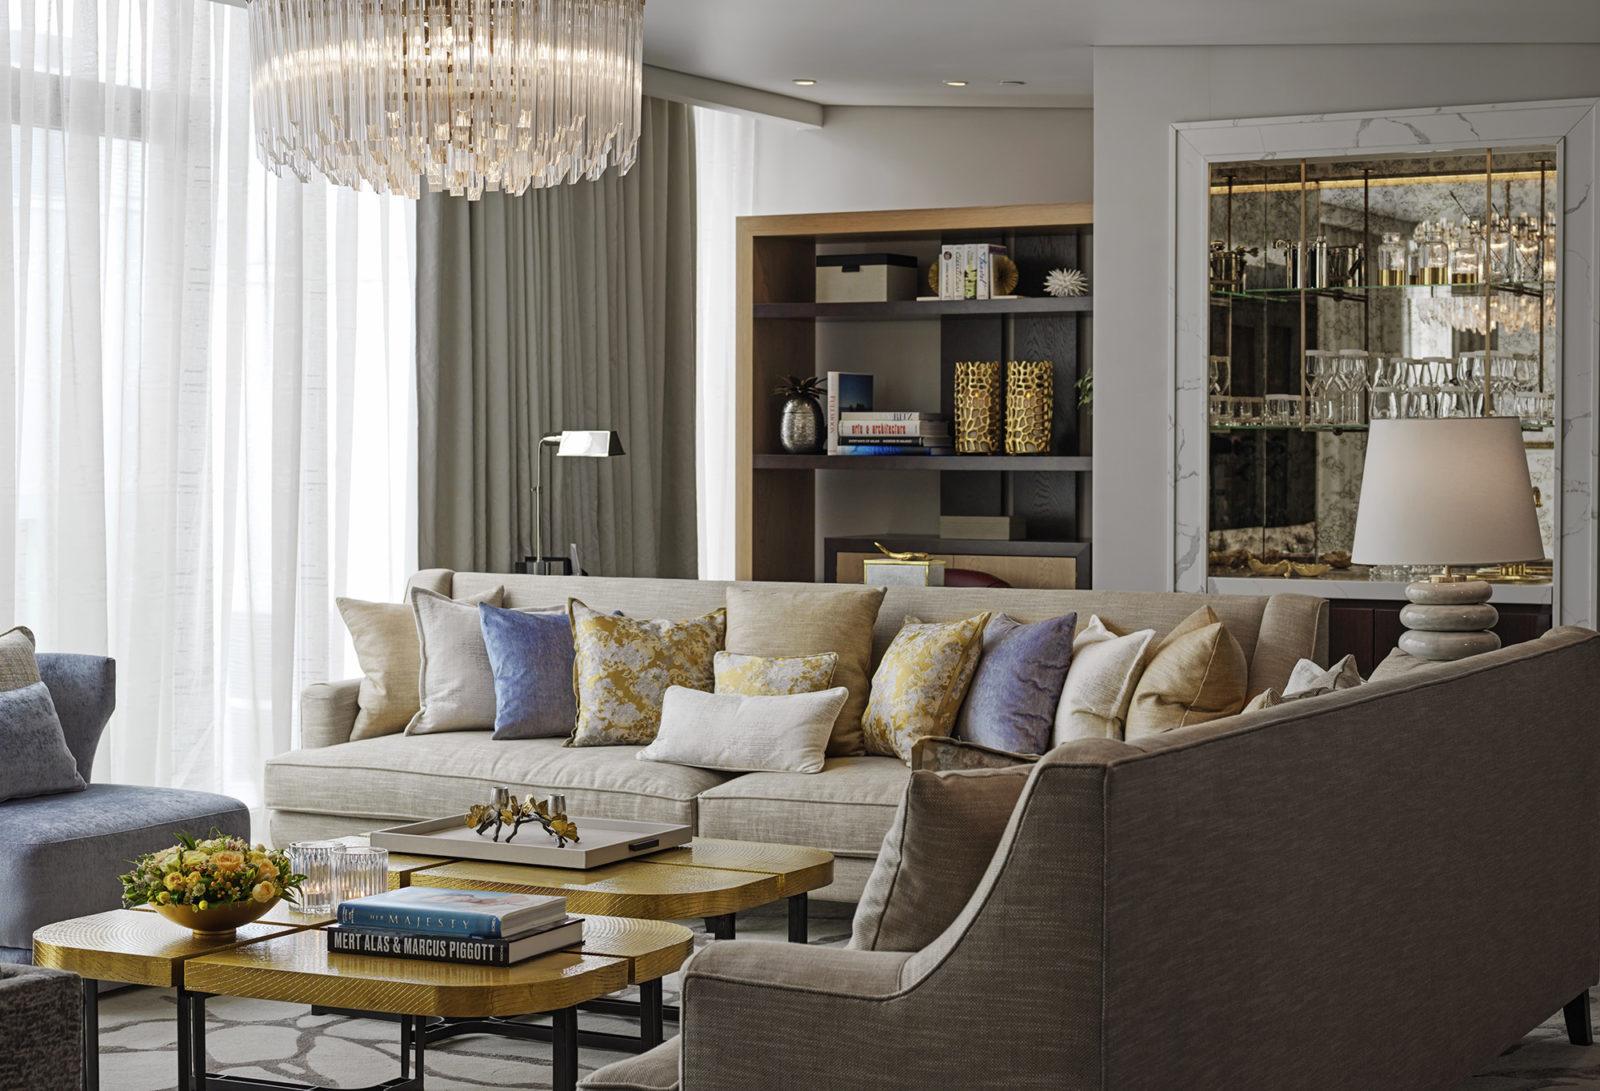 Tower Suite at Britannia Hotel